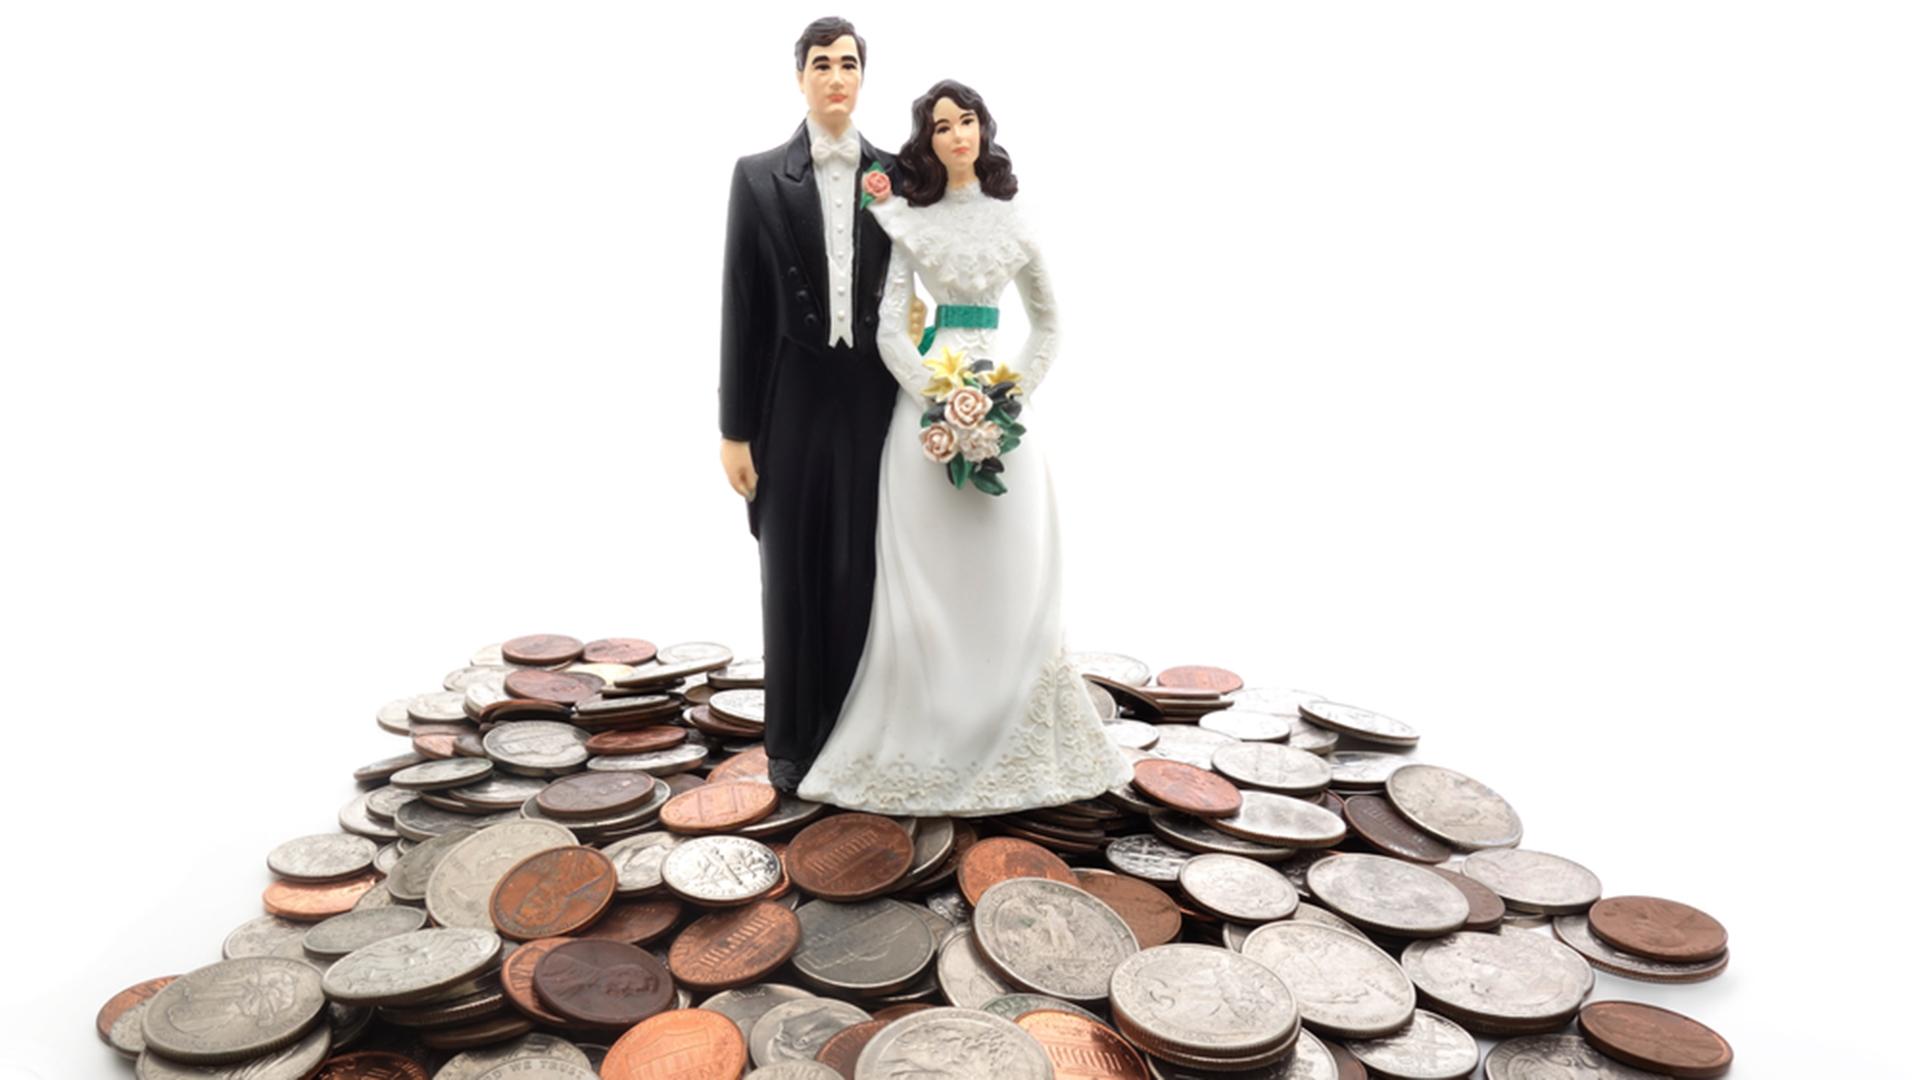 Quelles sont les dépenses nécessaires à la préparation de votre mariage ?